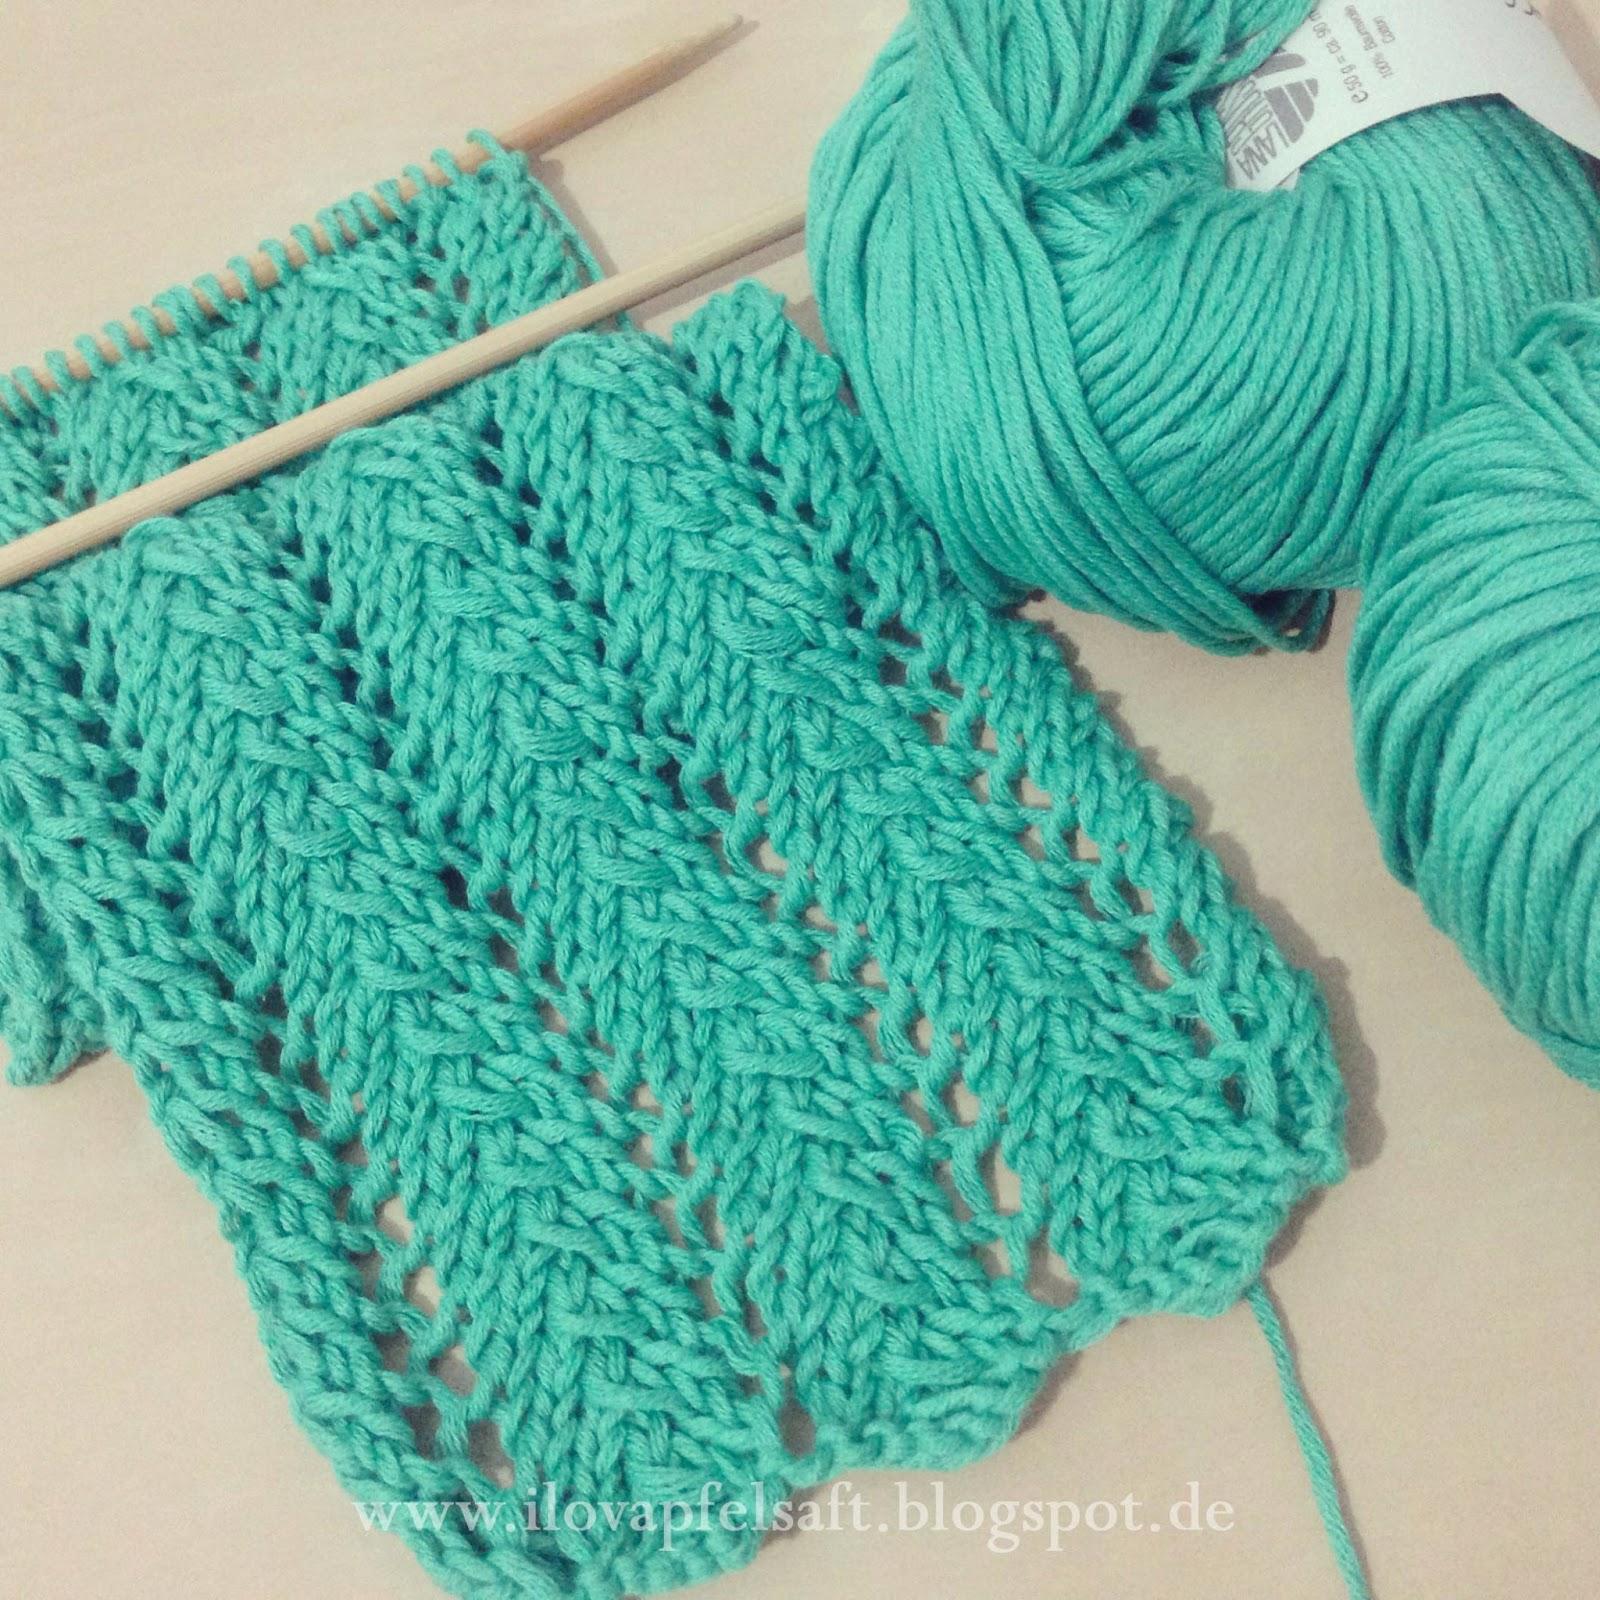 Knitting Stitches Yfwd : Ilovapfelsaft: Lace Knitting Pattern